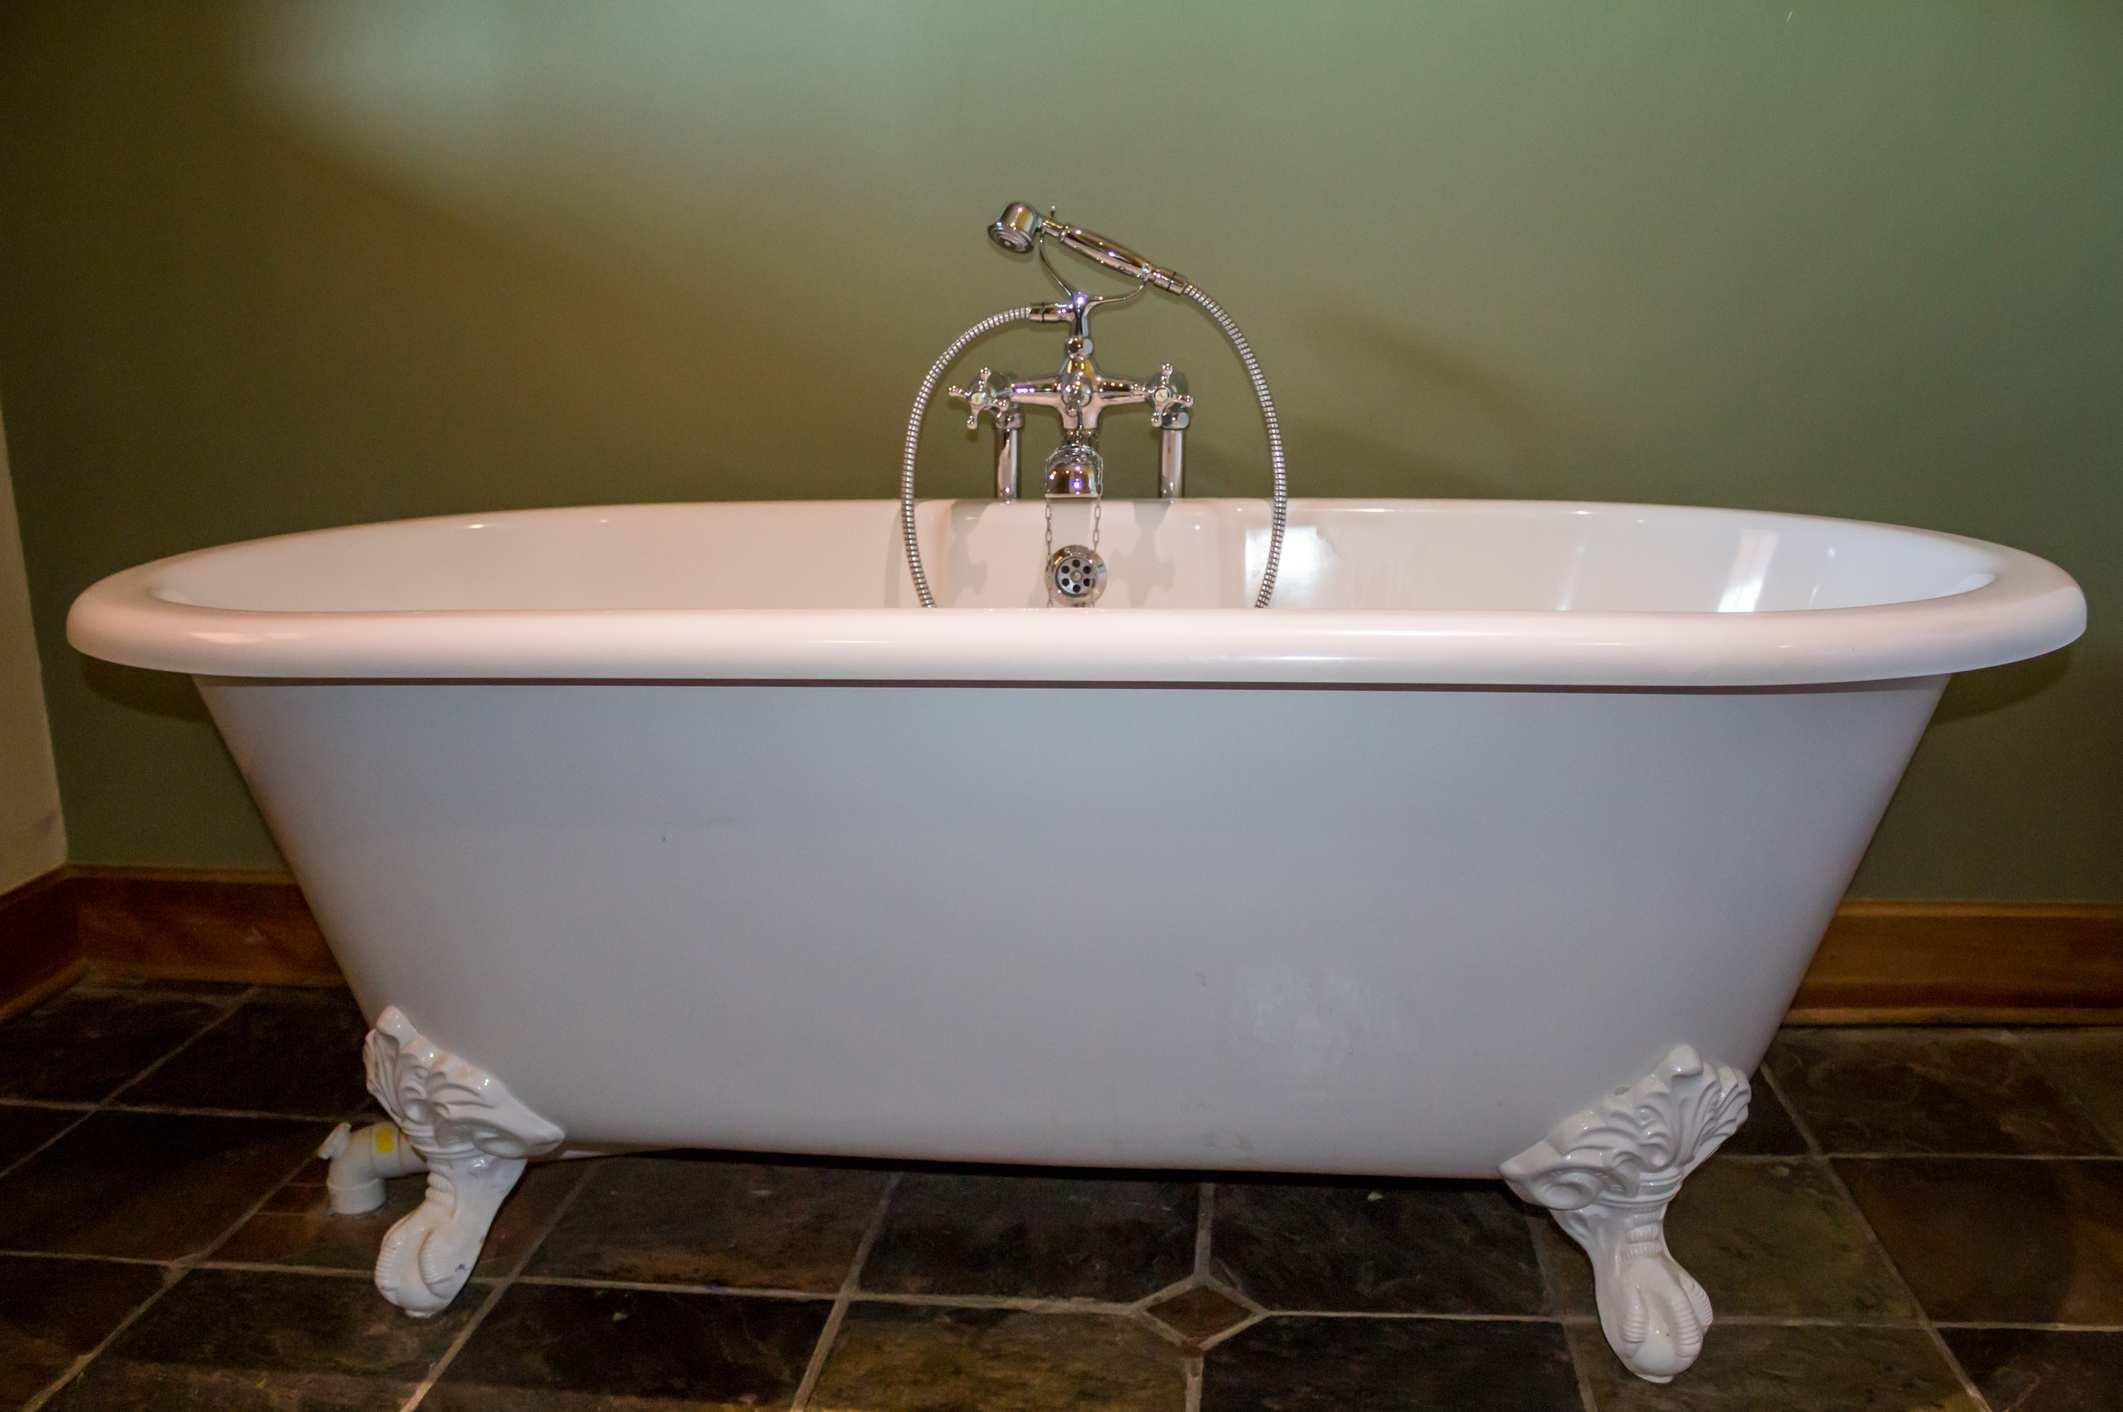 Comment Nettoyer Une Baignoire En Fonte Émaillée comment changer sa baignoire en fonte émaillée ? - bricofamily